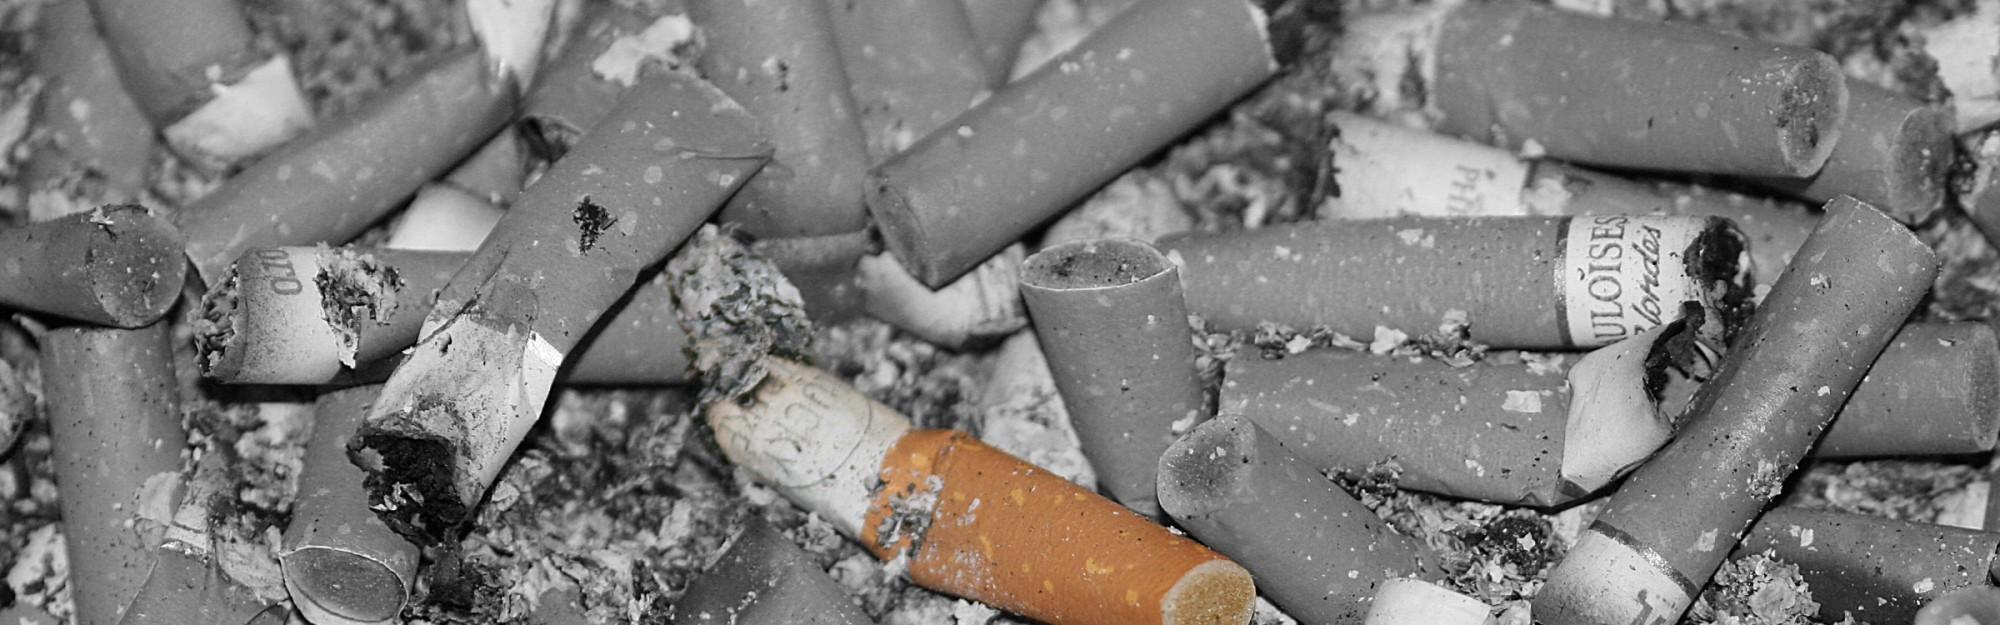 Wie bekämpfe ich Zigarettenrauchgeruch im Zimmer?